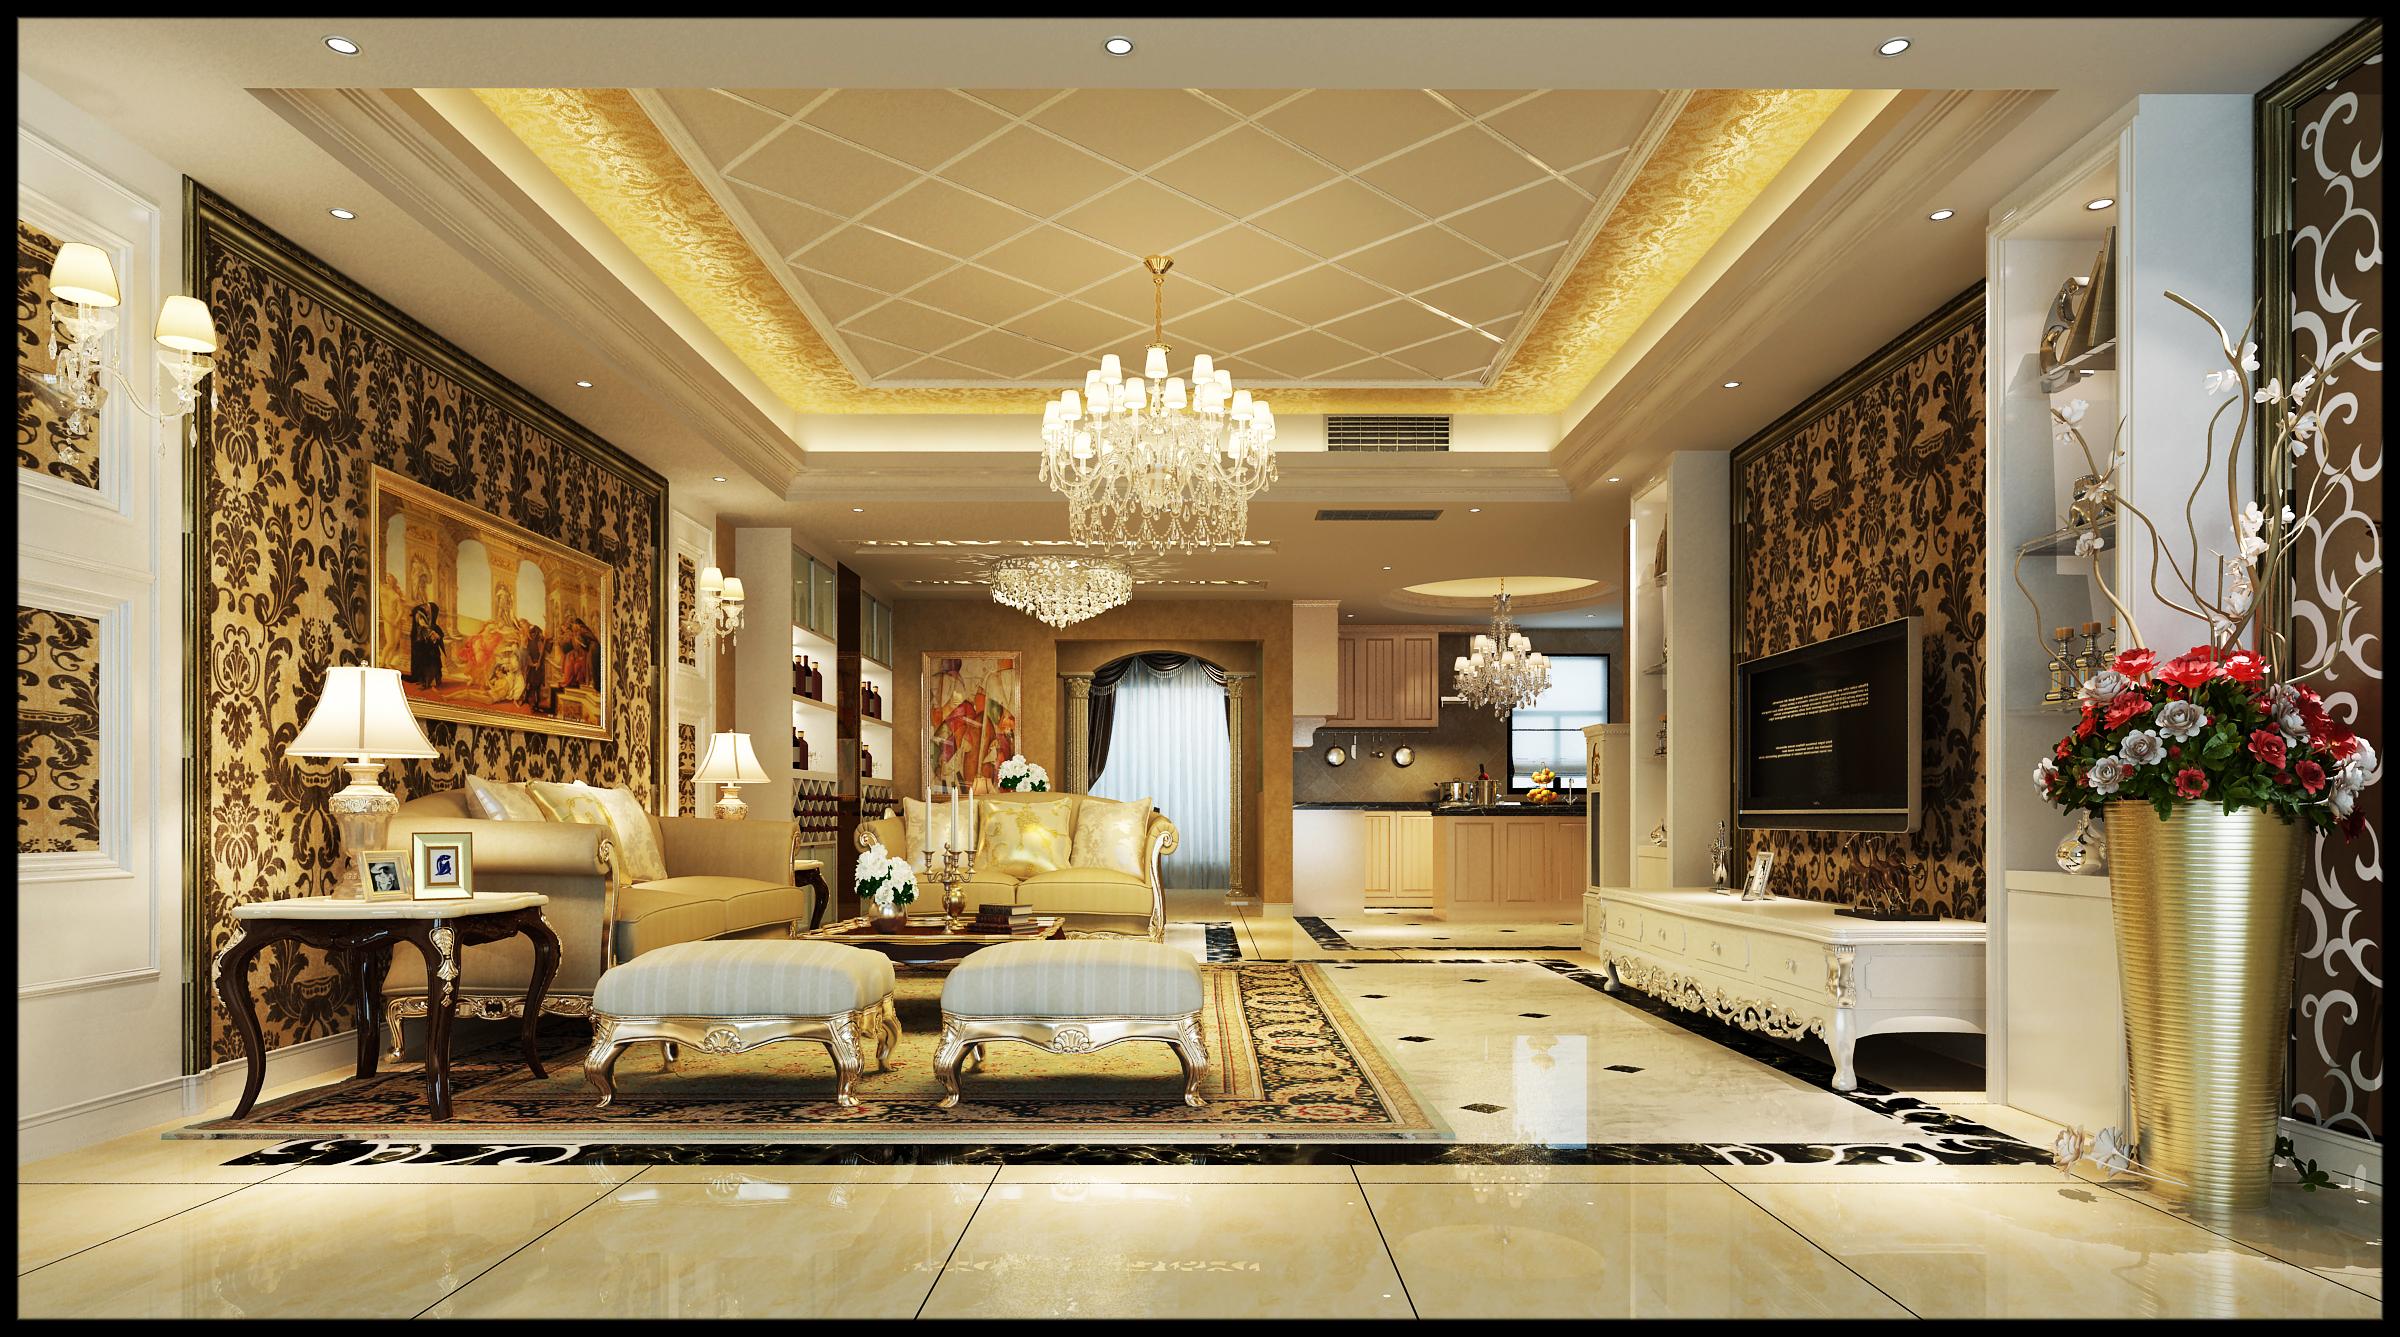 4居 欧式 150平米 庄士 装修 报价 家居 生活 整体家装 客厅图片来自曹丹在庄士映蝶蓝湾-欧式风格-150平米的分享